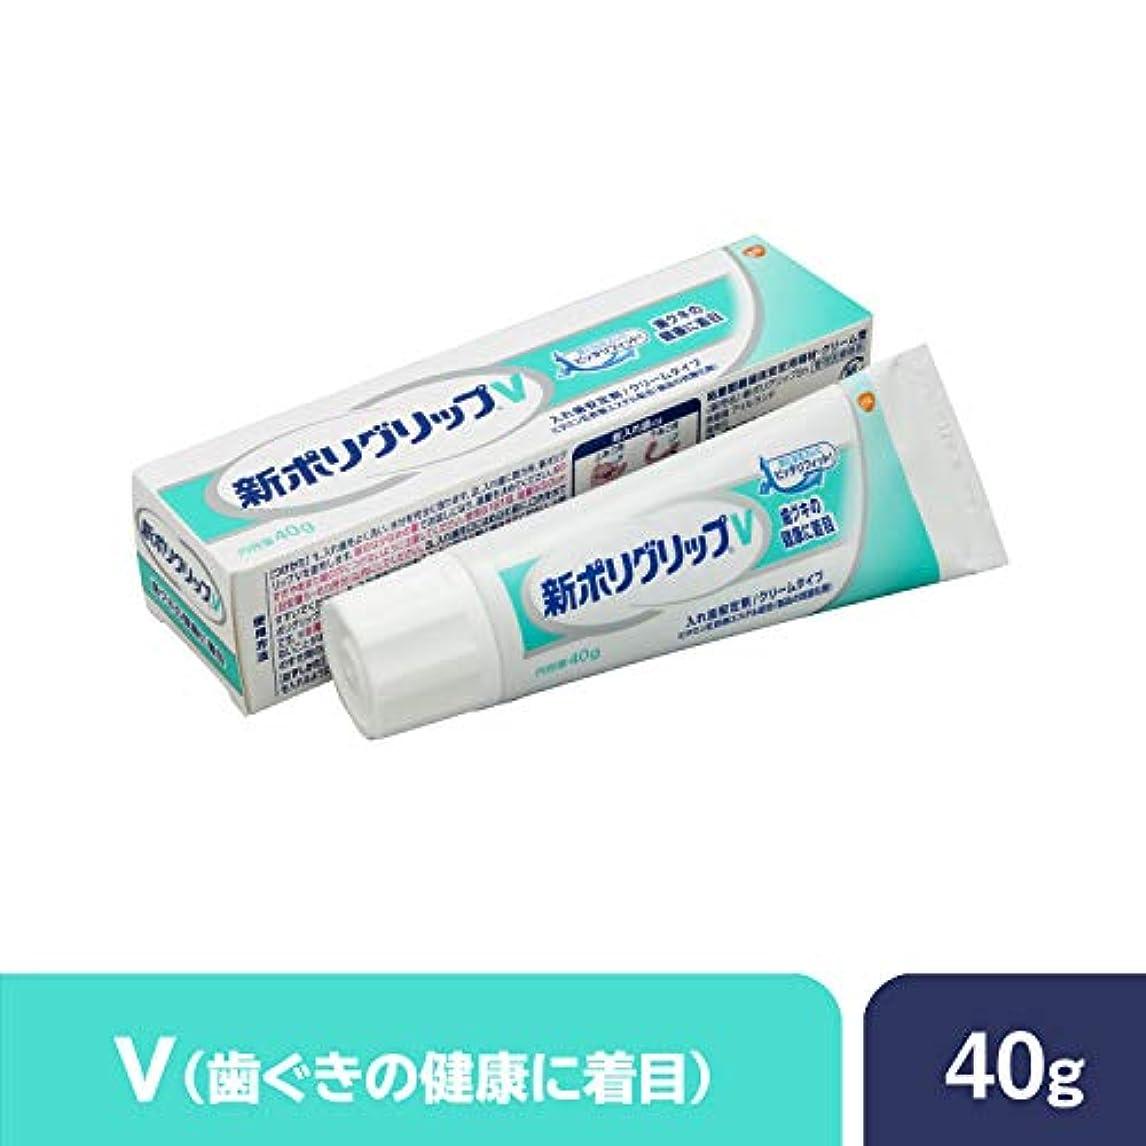 鑑定事実上余計な部分?総入れ歯安定剤 新ポリグリップ V(歯グキの健康に着目) 40g